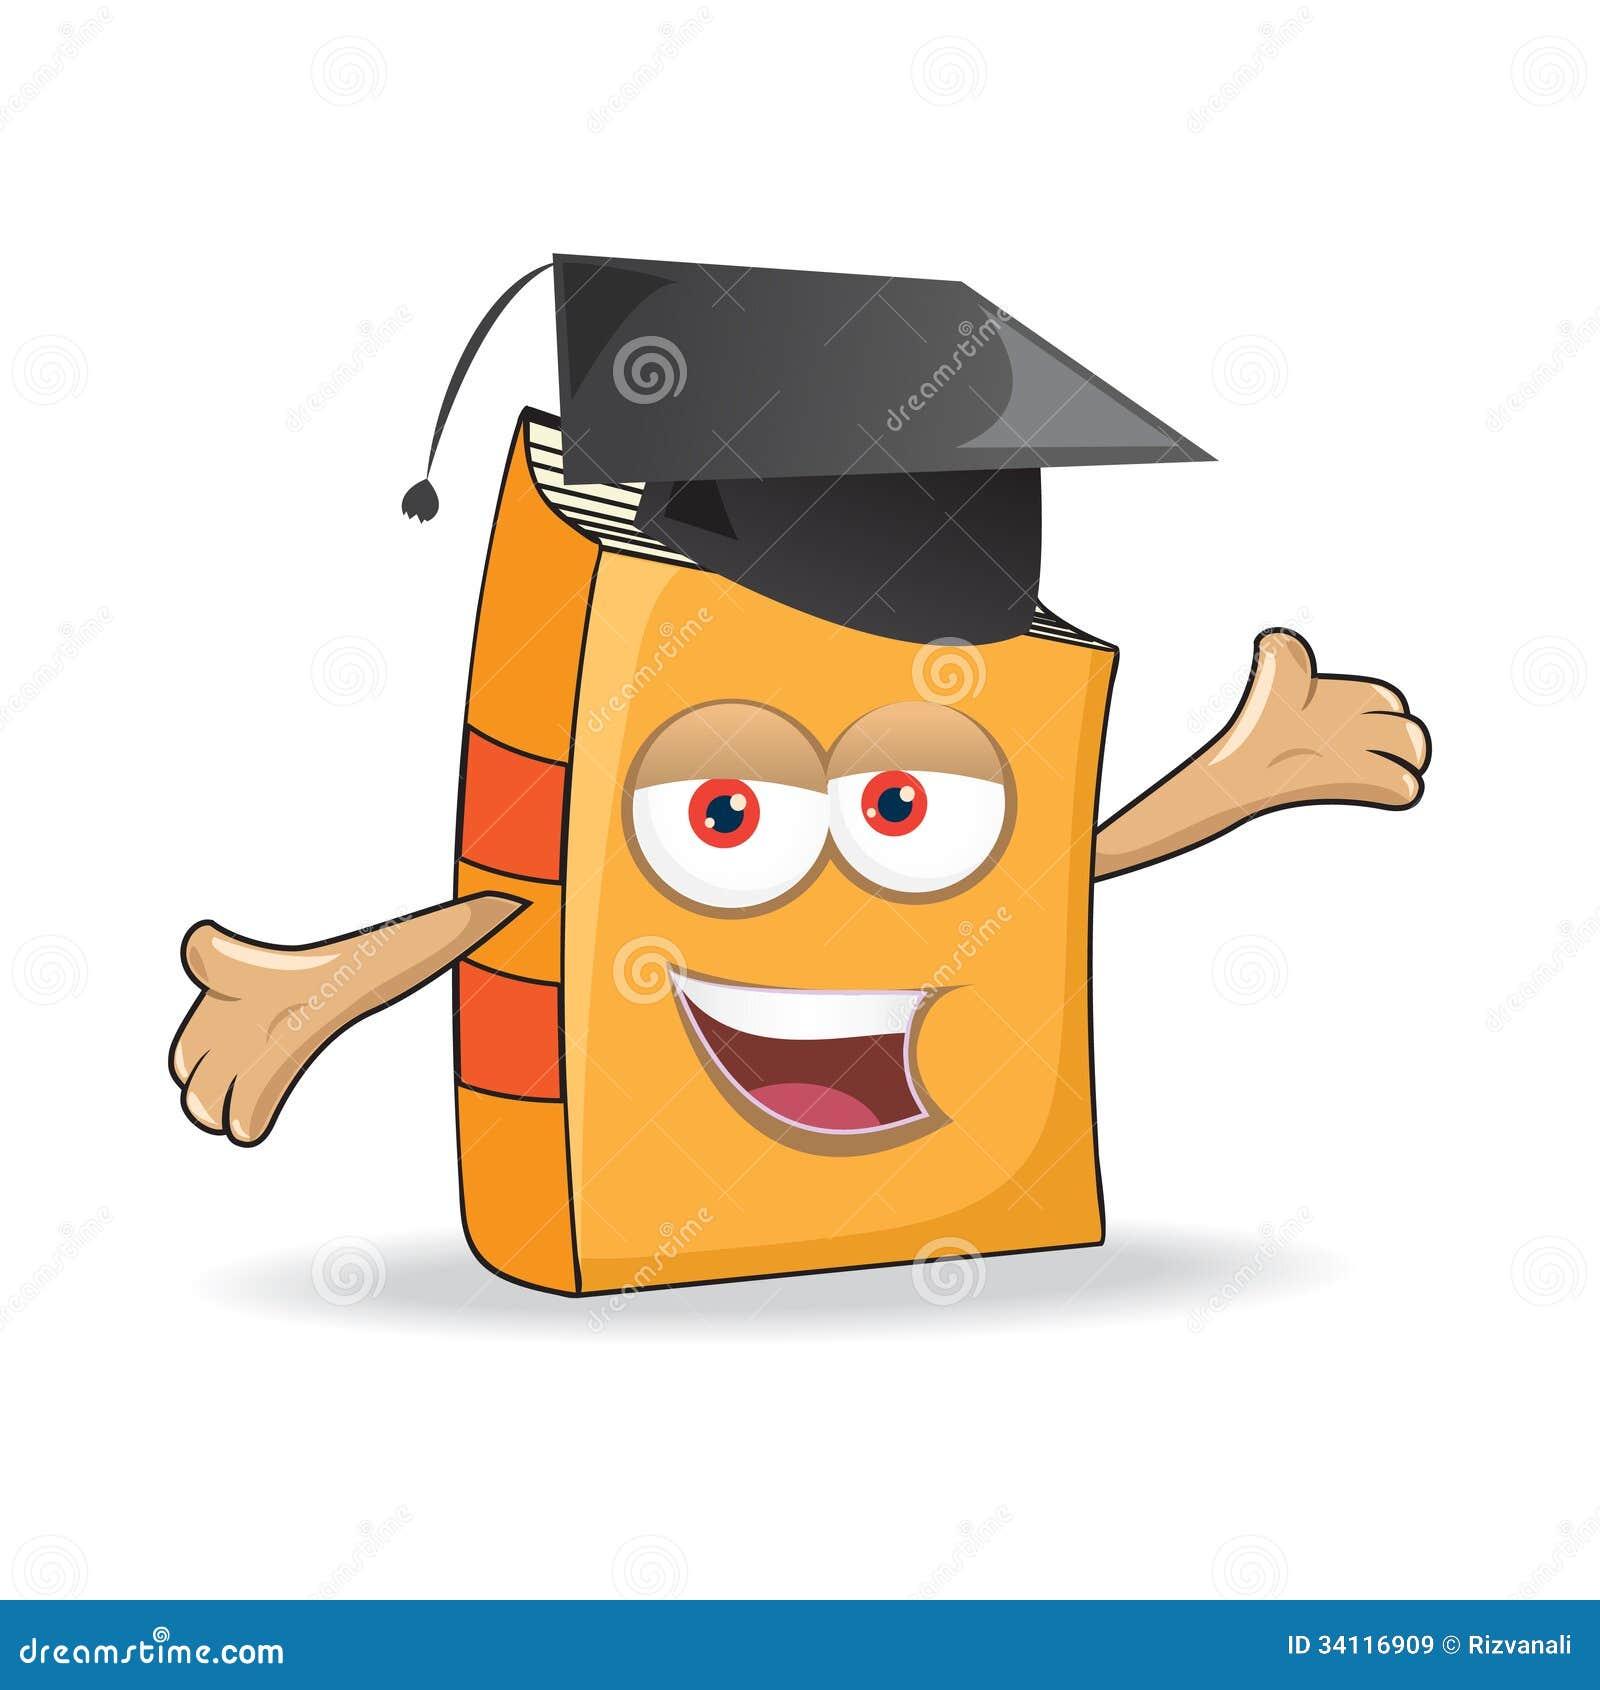 funny graduation clip art - photo #23